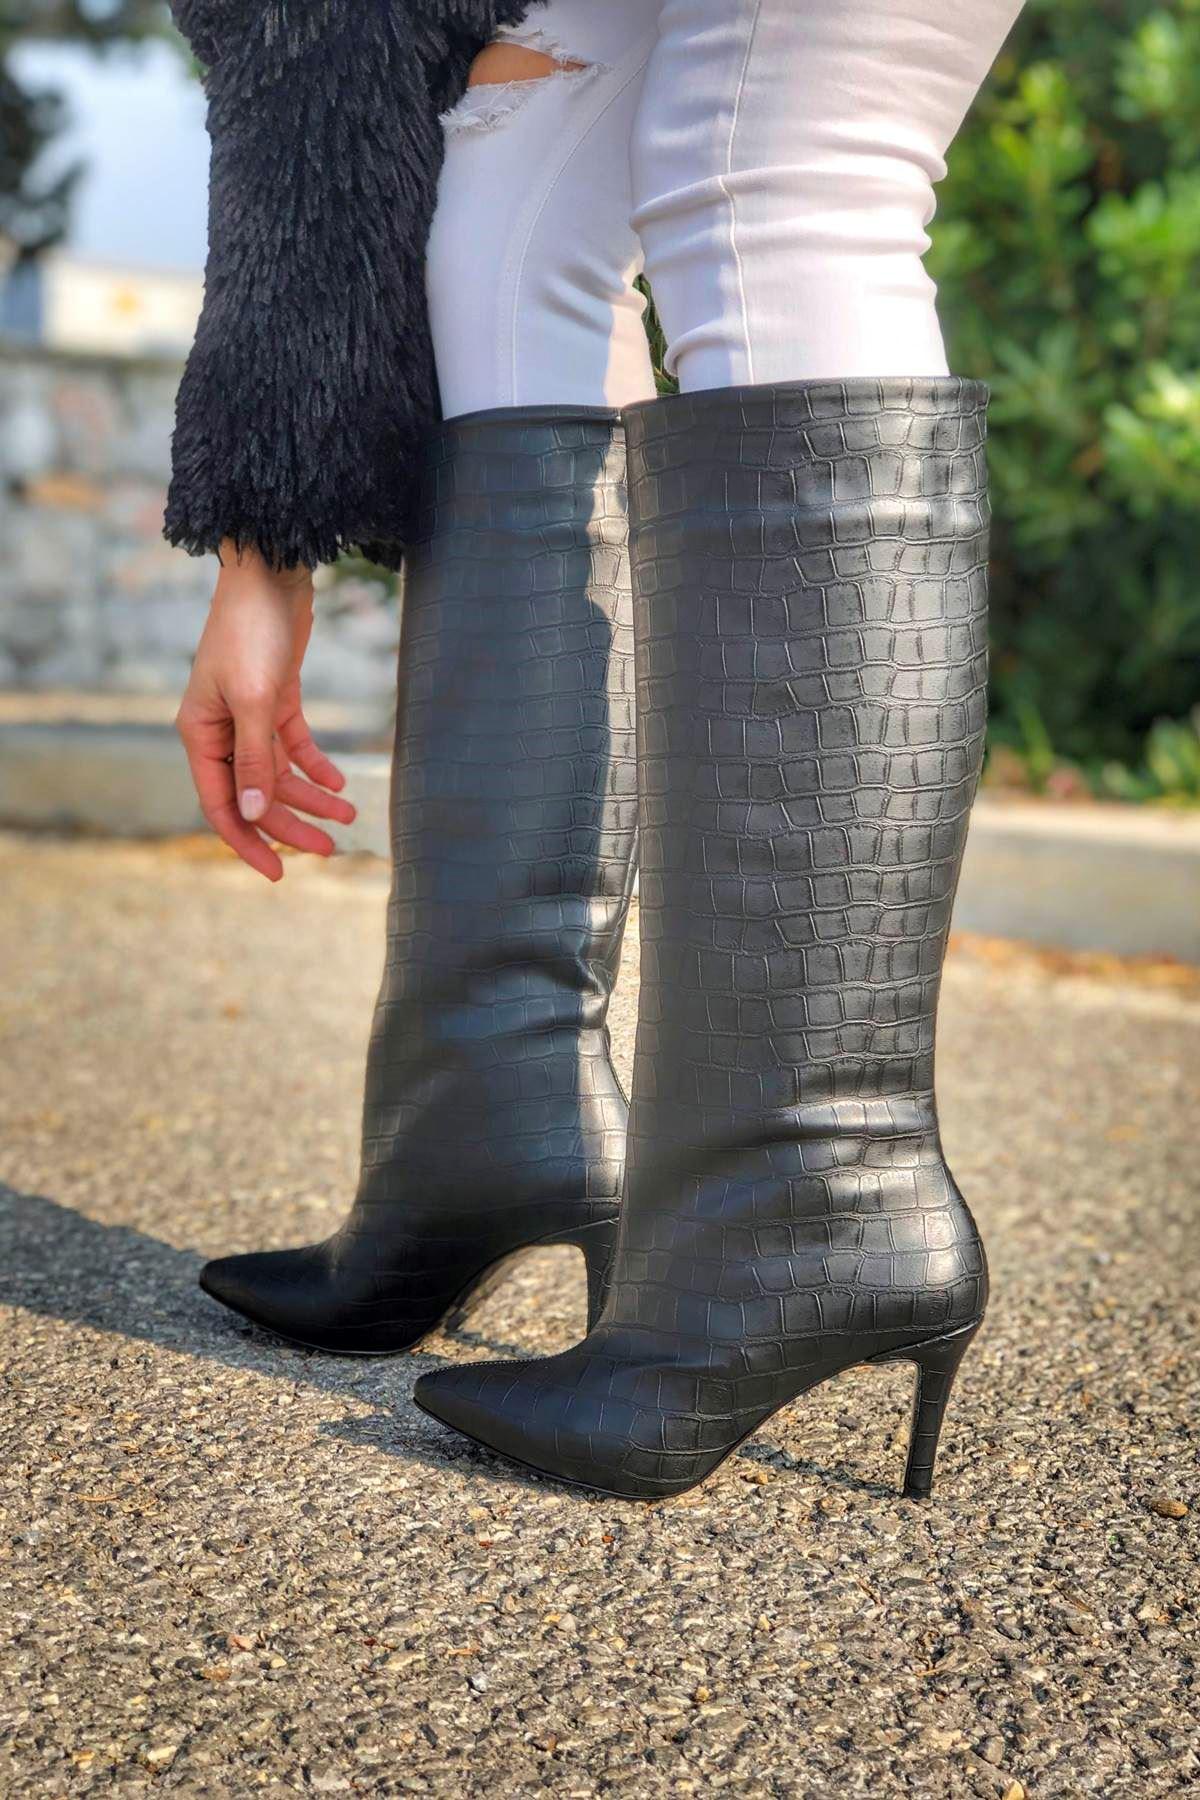 Cardin Siyah Kroko Çekme Kadın Çizme